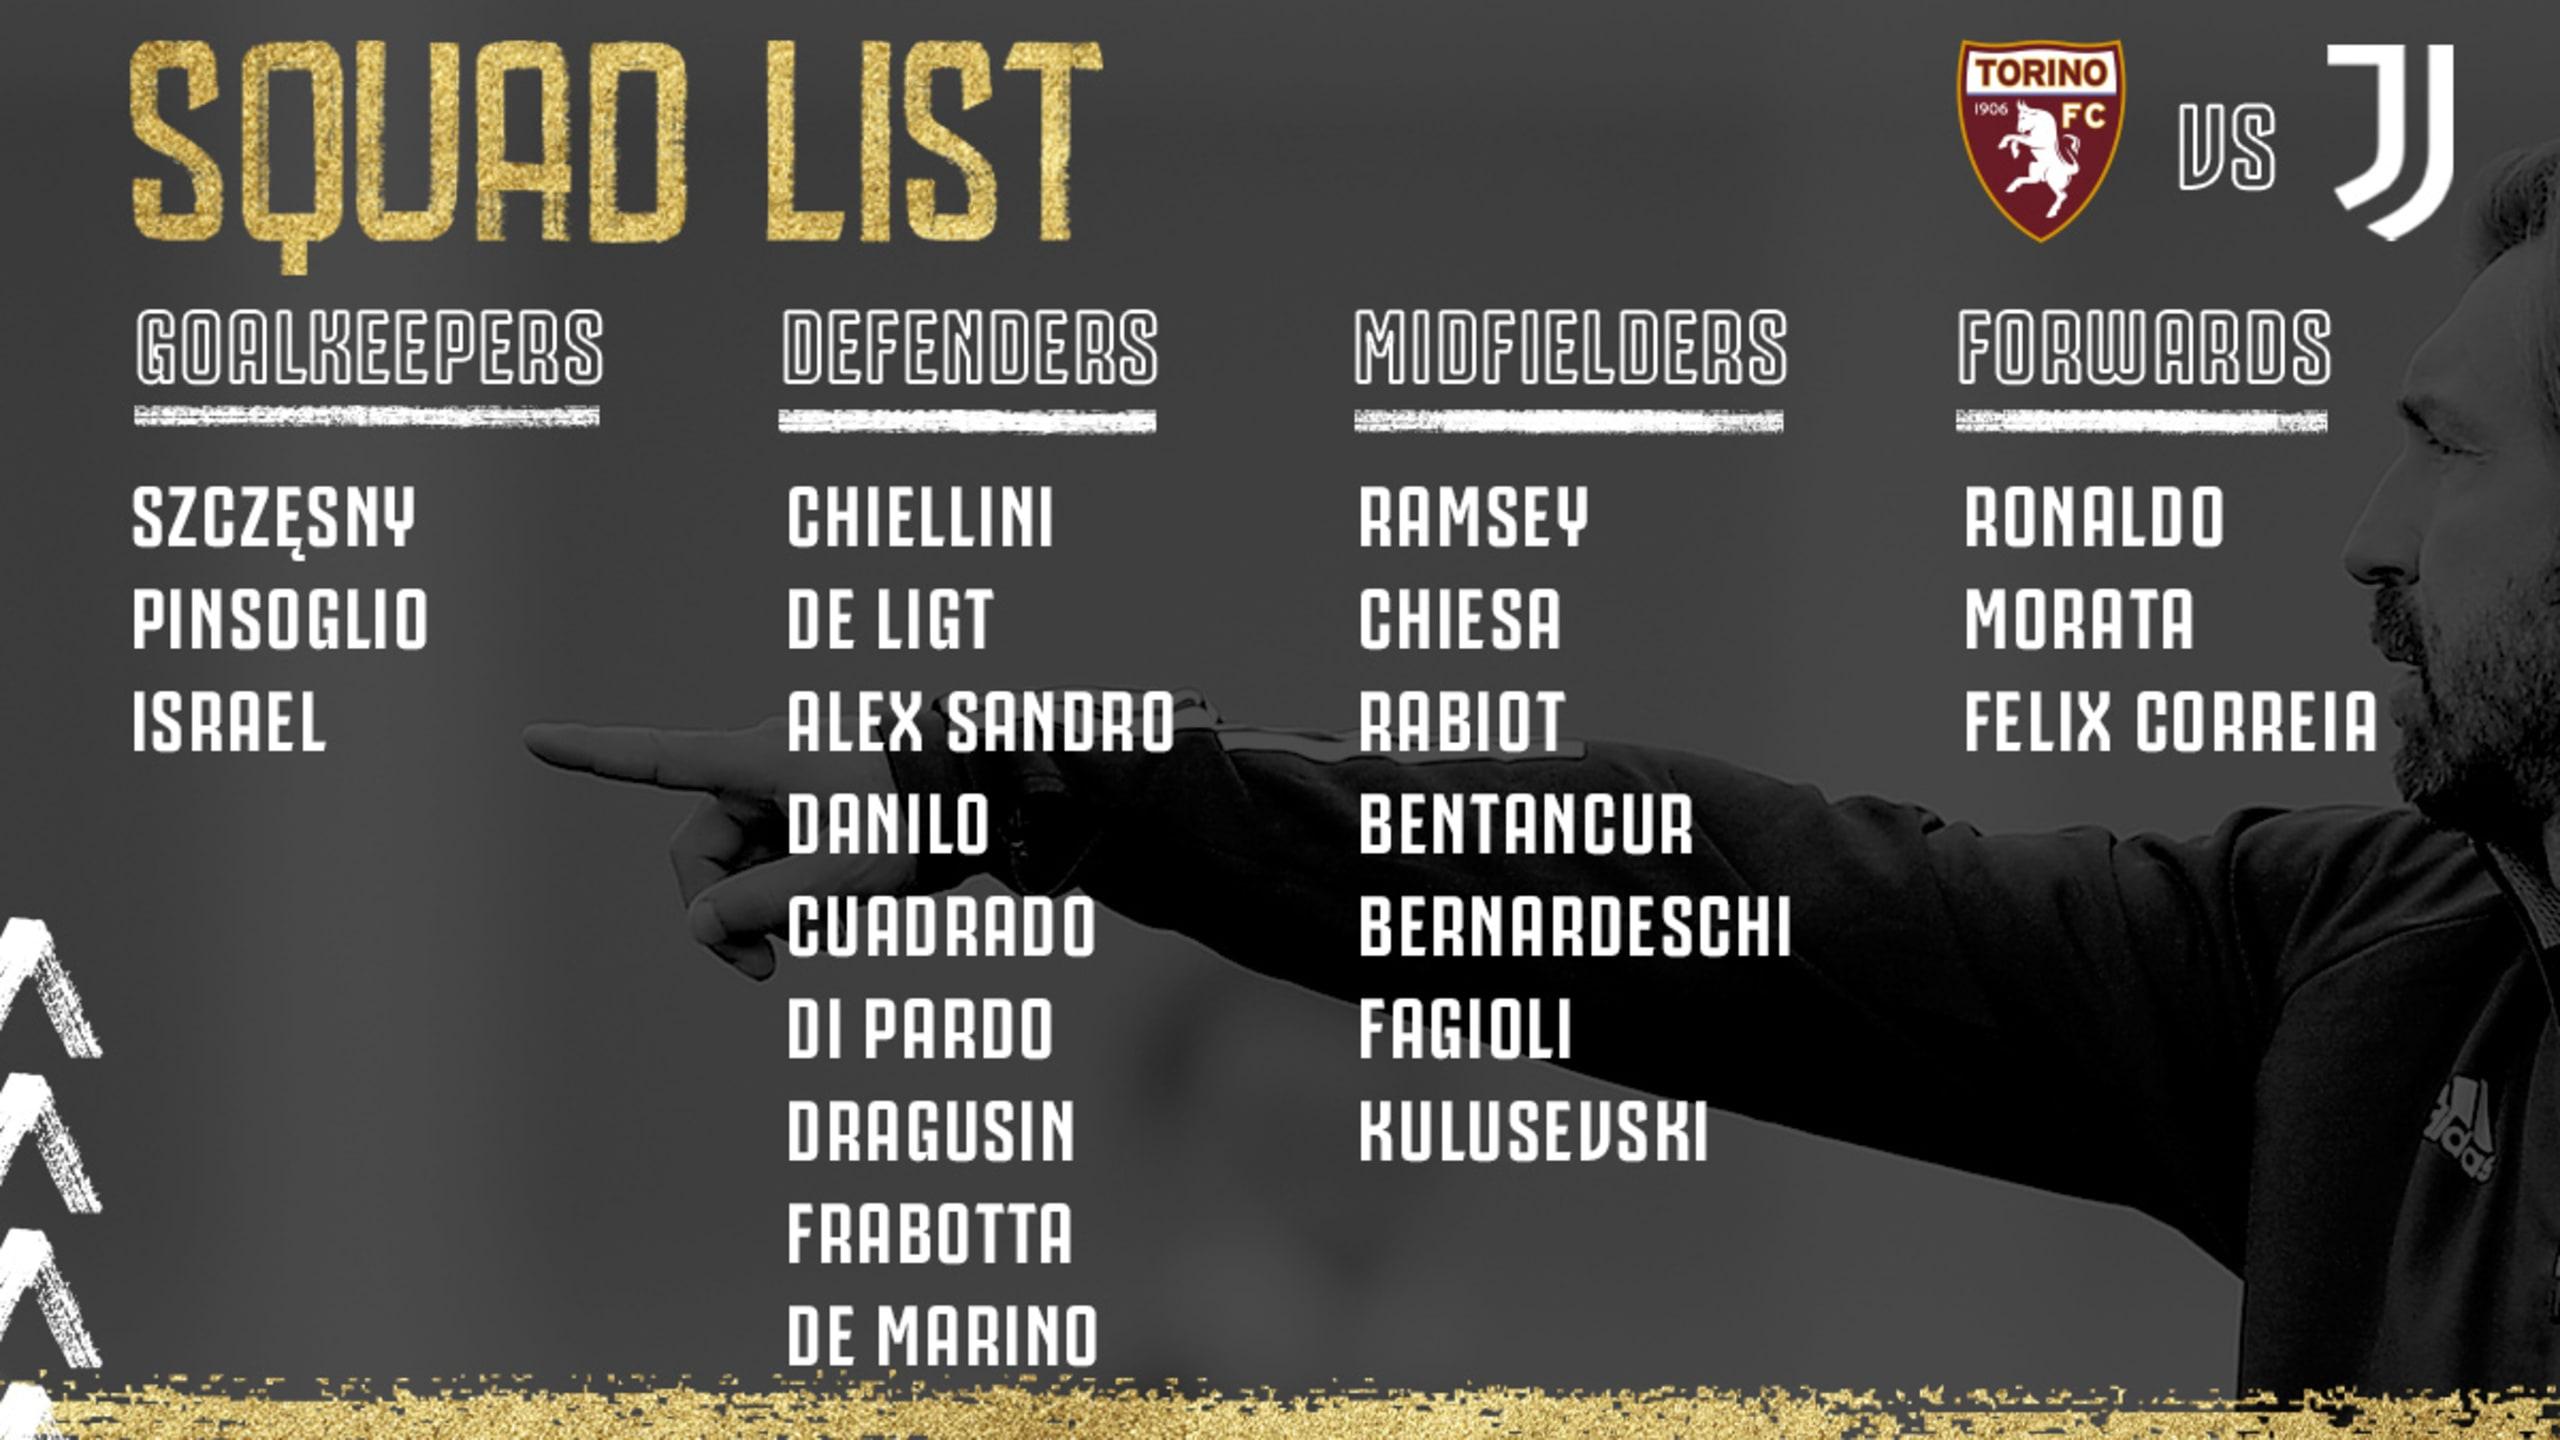 لیست بازیکنان تیم برای دیدار با تورینو